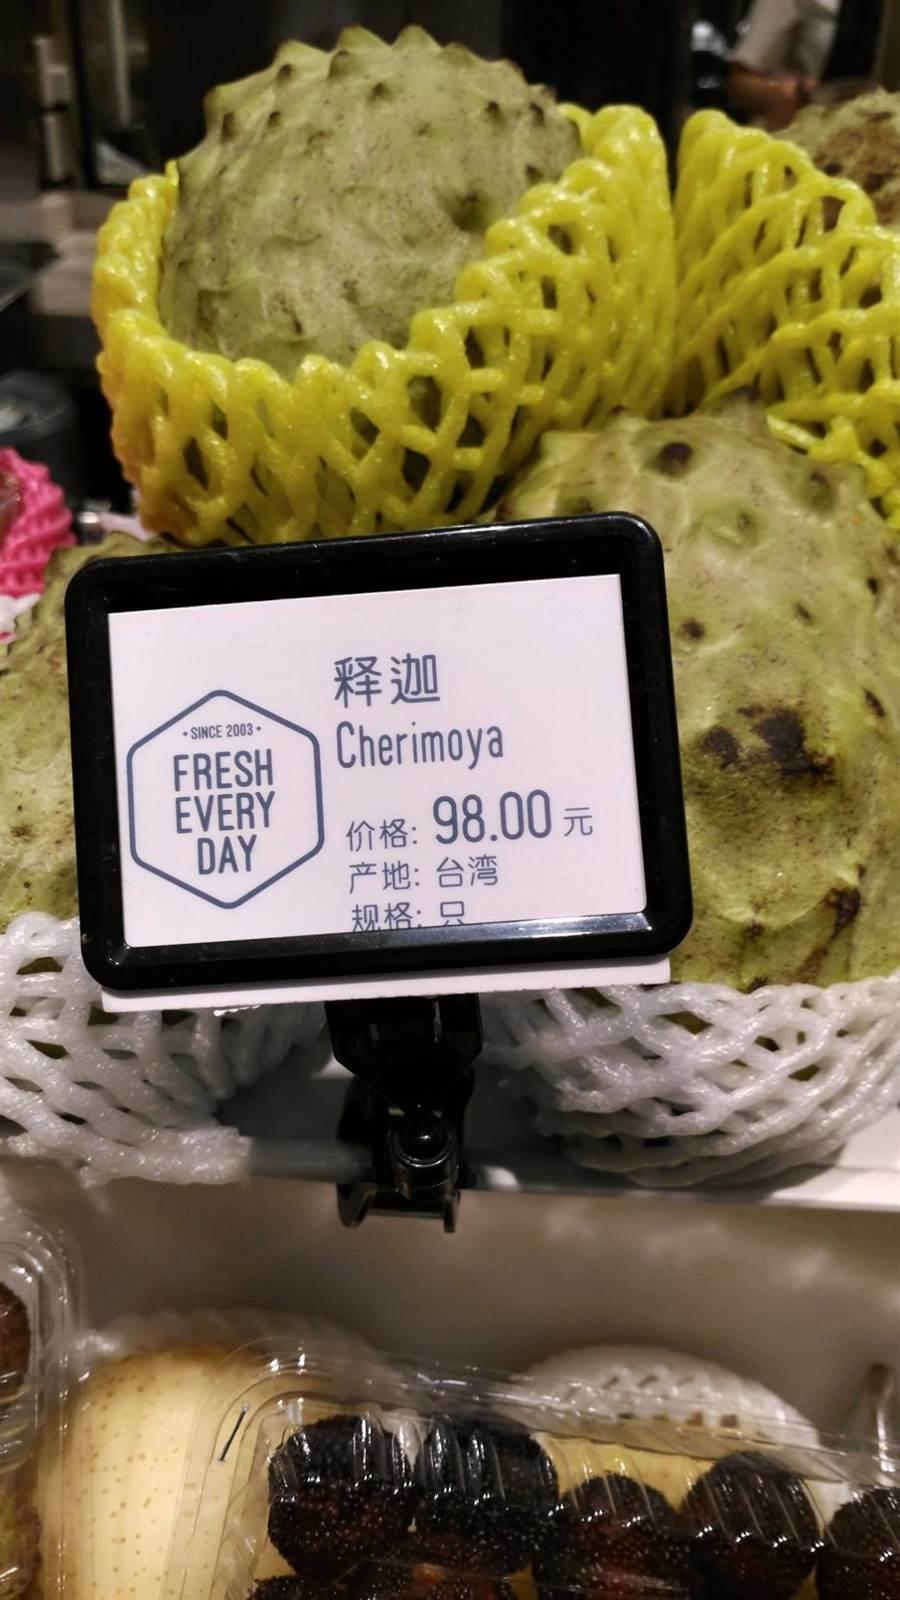 有網友分享更驚人的台灣水果價格,他貼出台灣釋迦、芭樂、葡萄柚照片說「乘以 4.6 就是台幣,妳就會知道台灣的水果在大陸上海的價錢有多好~釋迦:450元/一個、芭樂:92(500克)、葡萄柚:175(500克)。」(韓國瑜後援會)